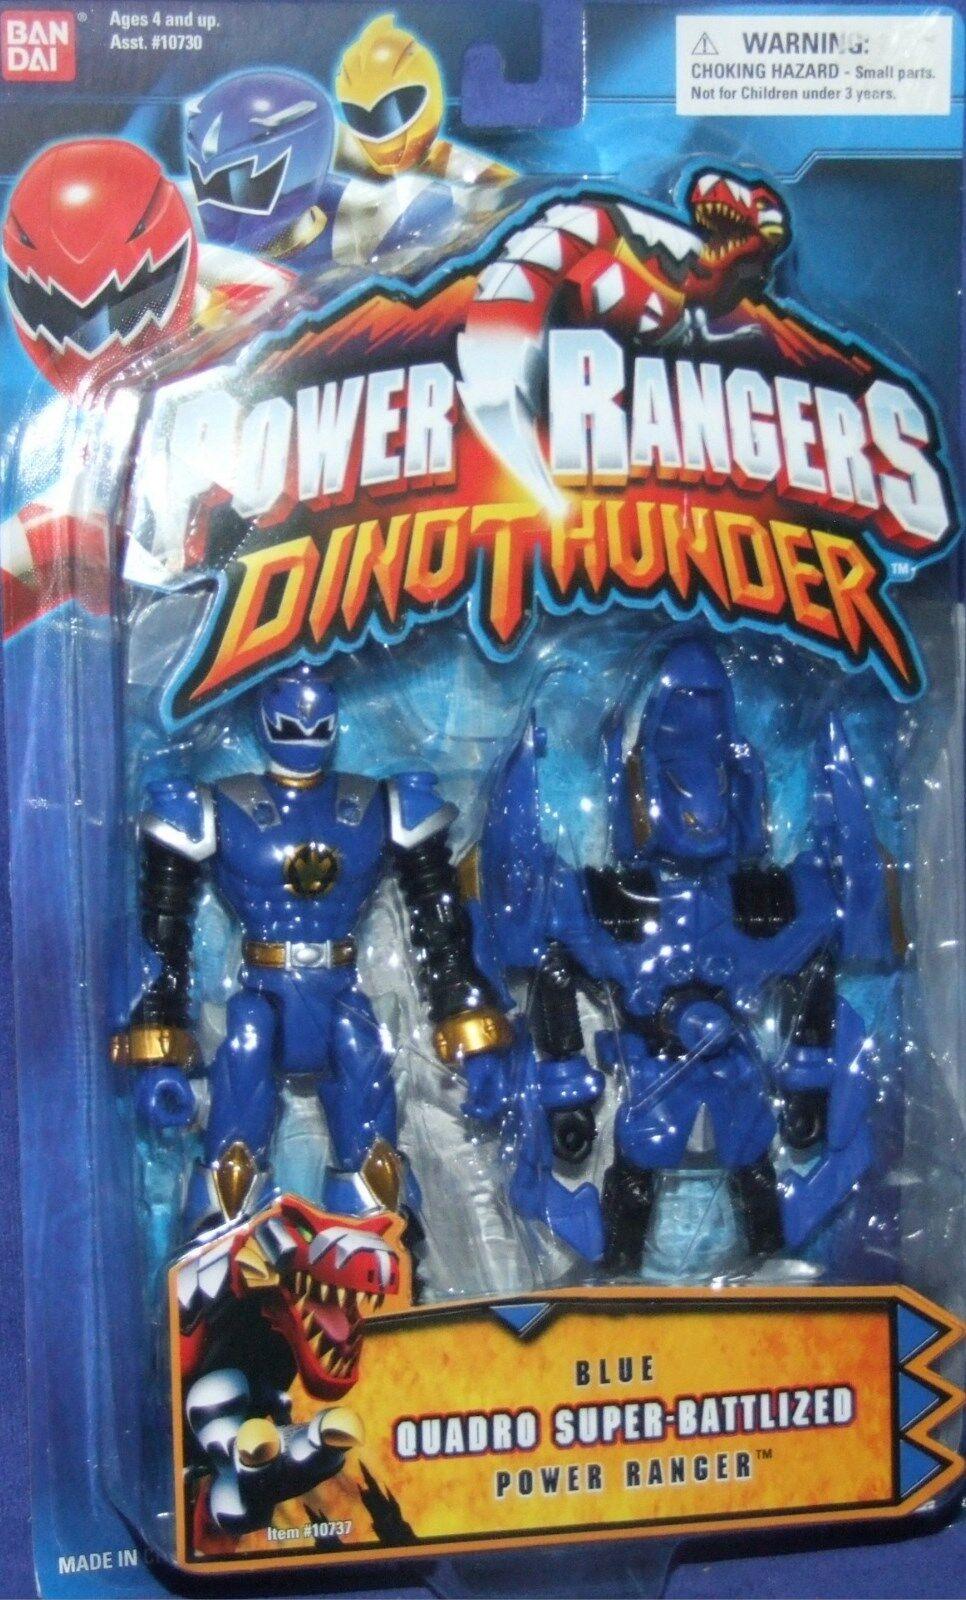 Power Rangers Dino Thunder Blau Quadro-Battlized Ranger New Factory Sealed 2004